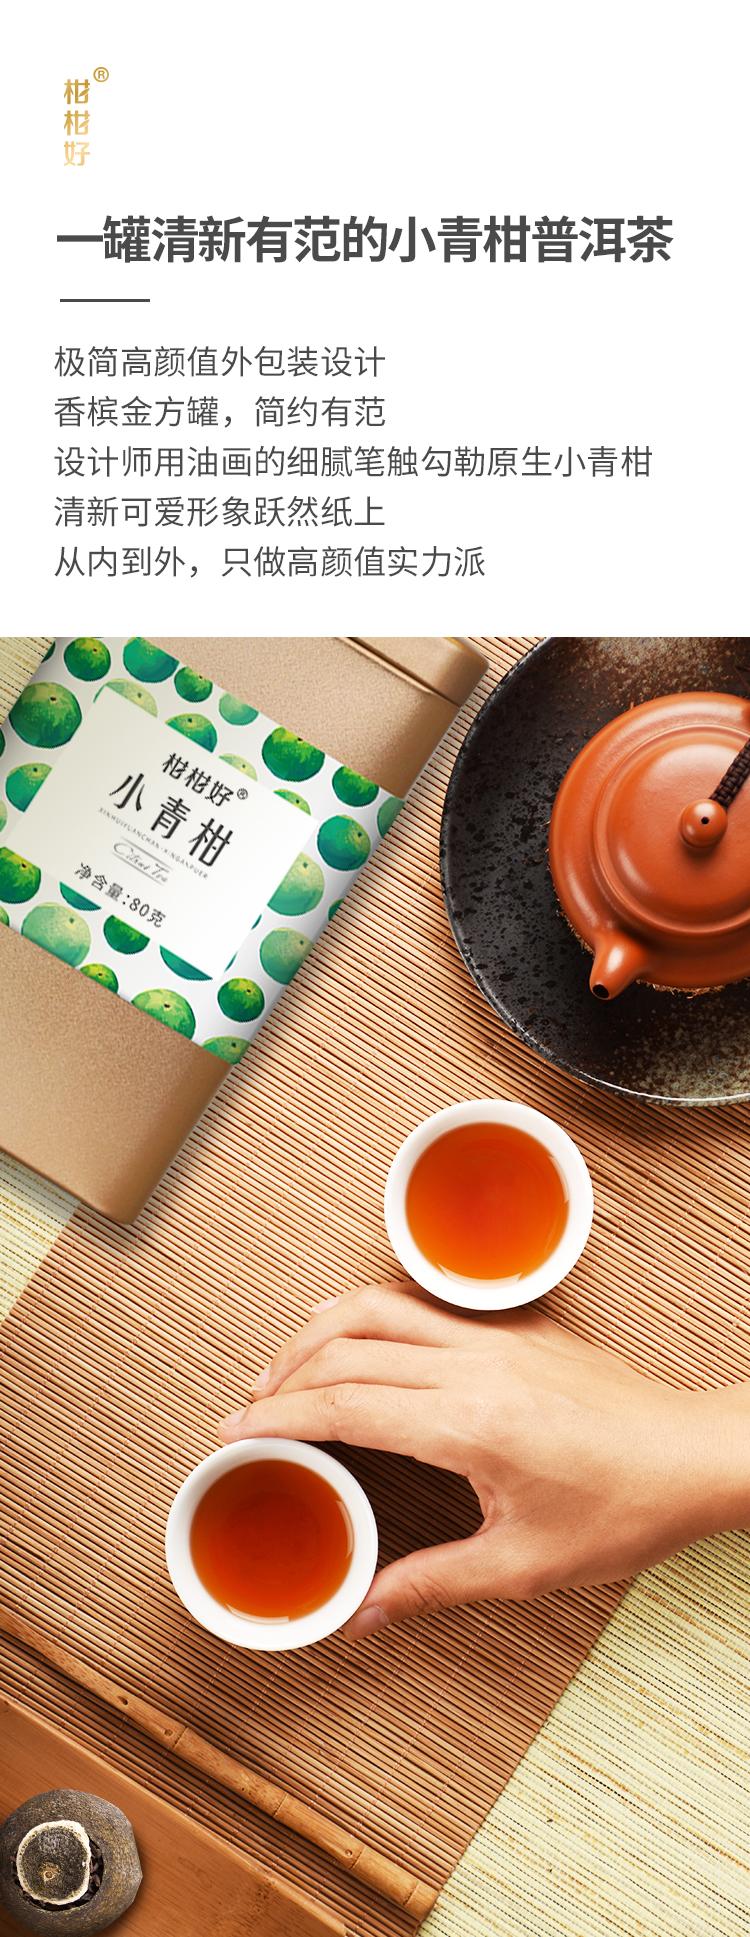 20200615小青柑罐装80克详情页_14.jpg